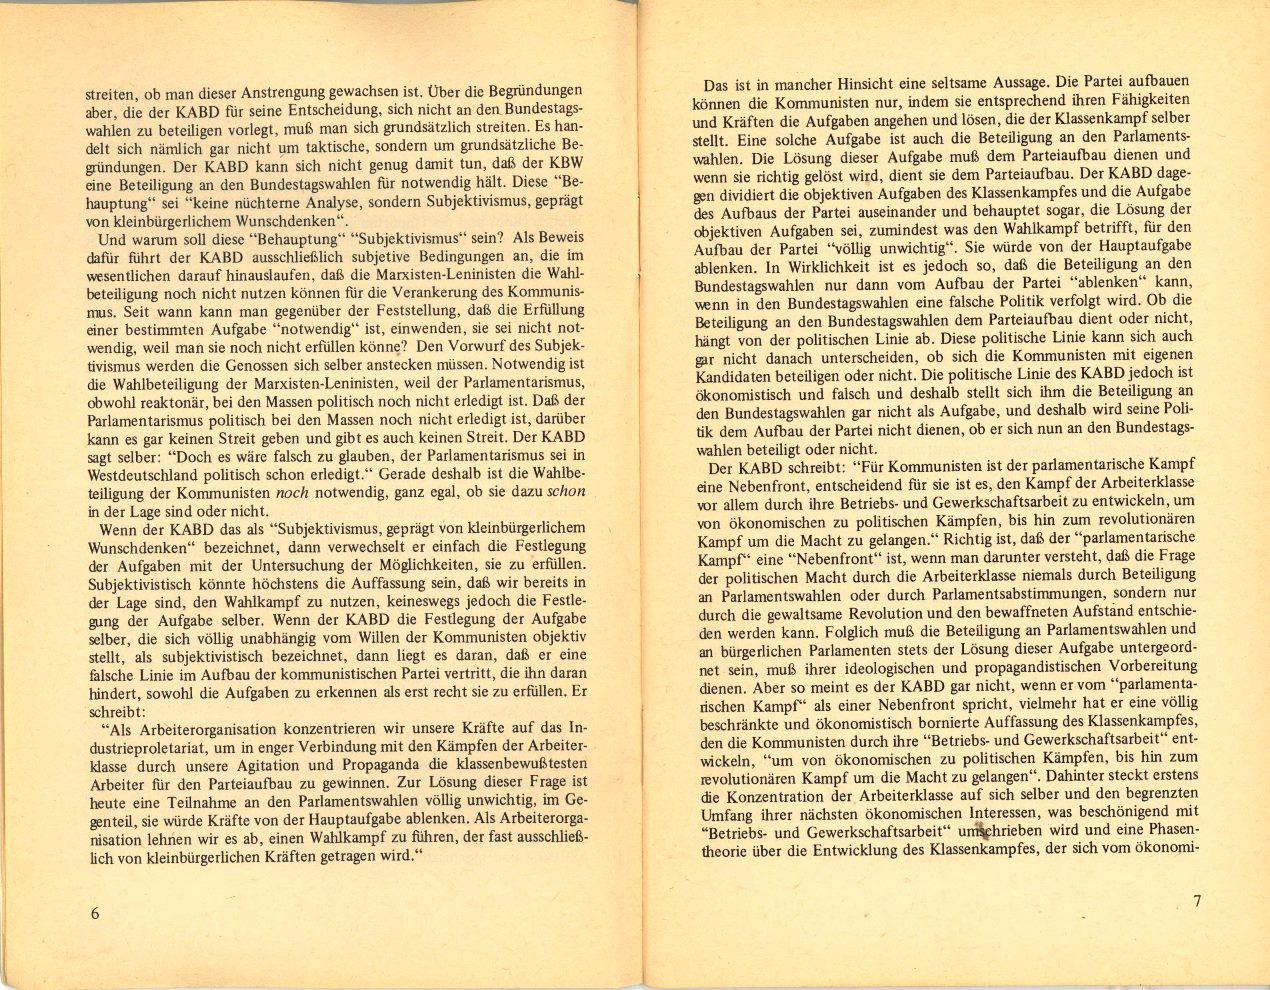 KBW_Materialien_zur_Auseinandersetzung_in_der_mlB_1976_05